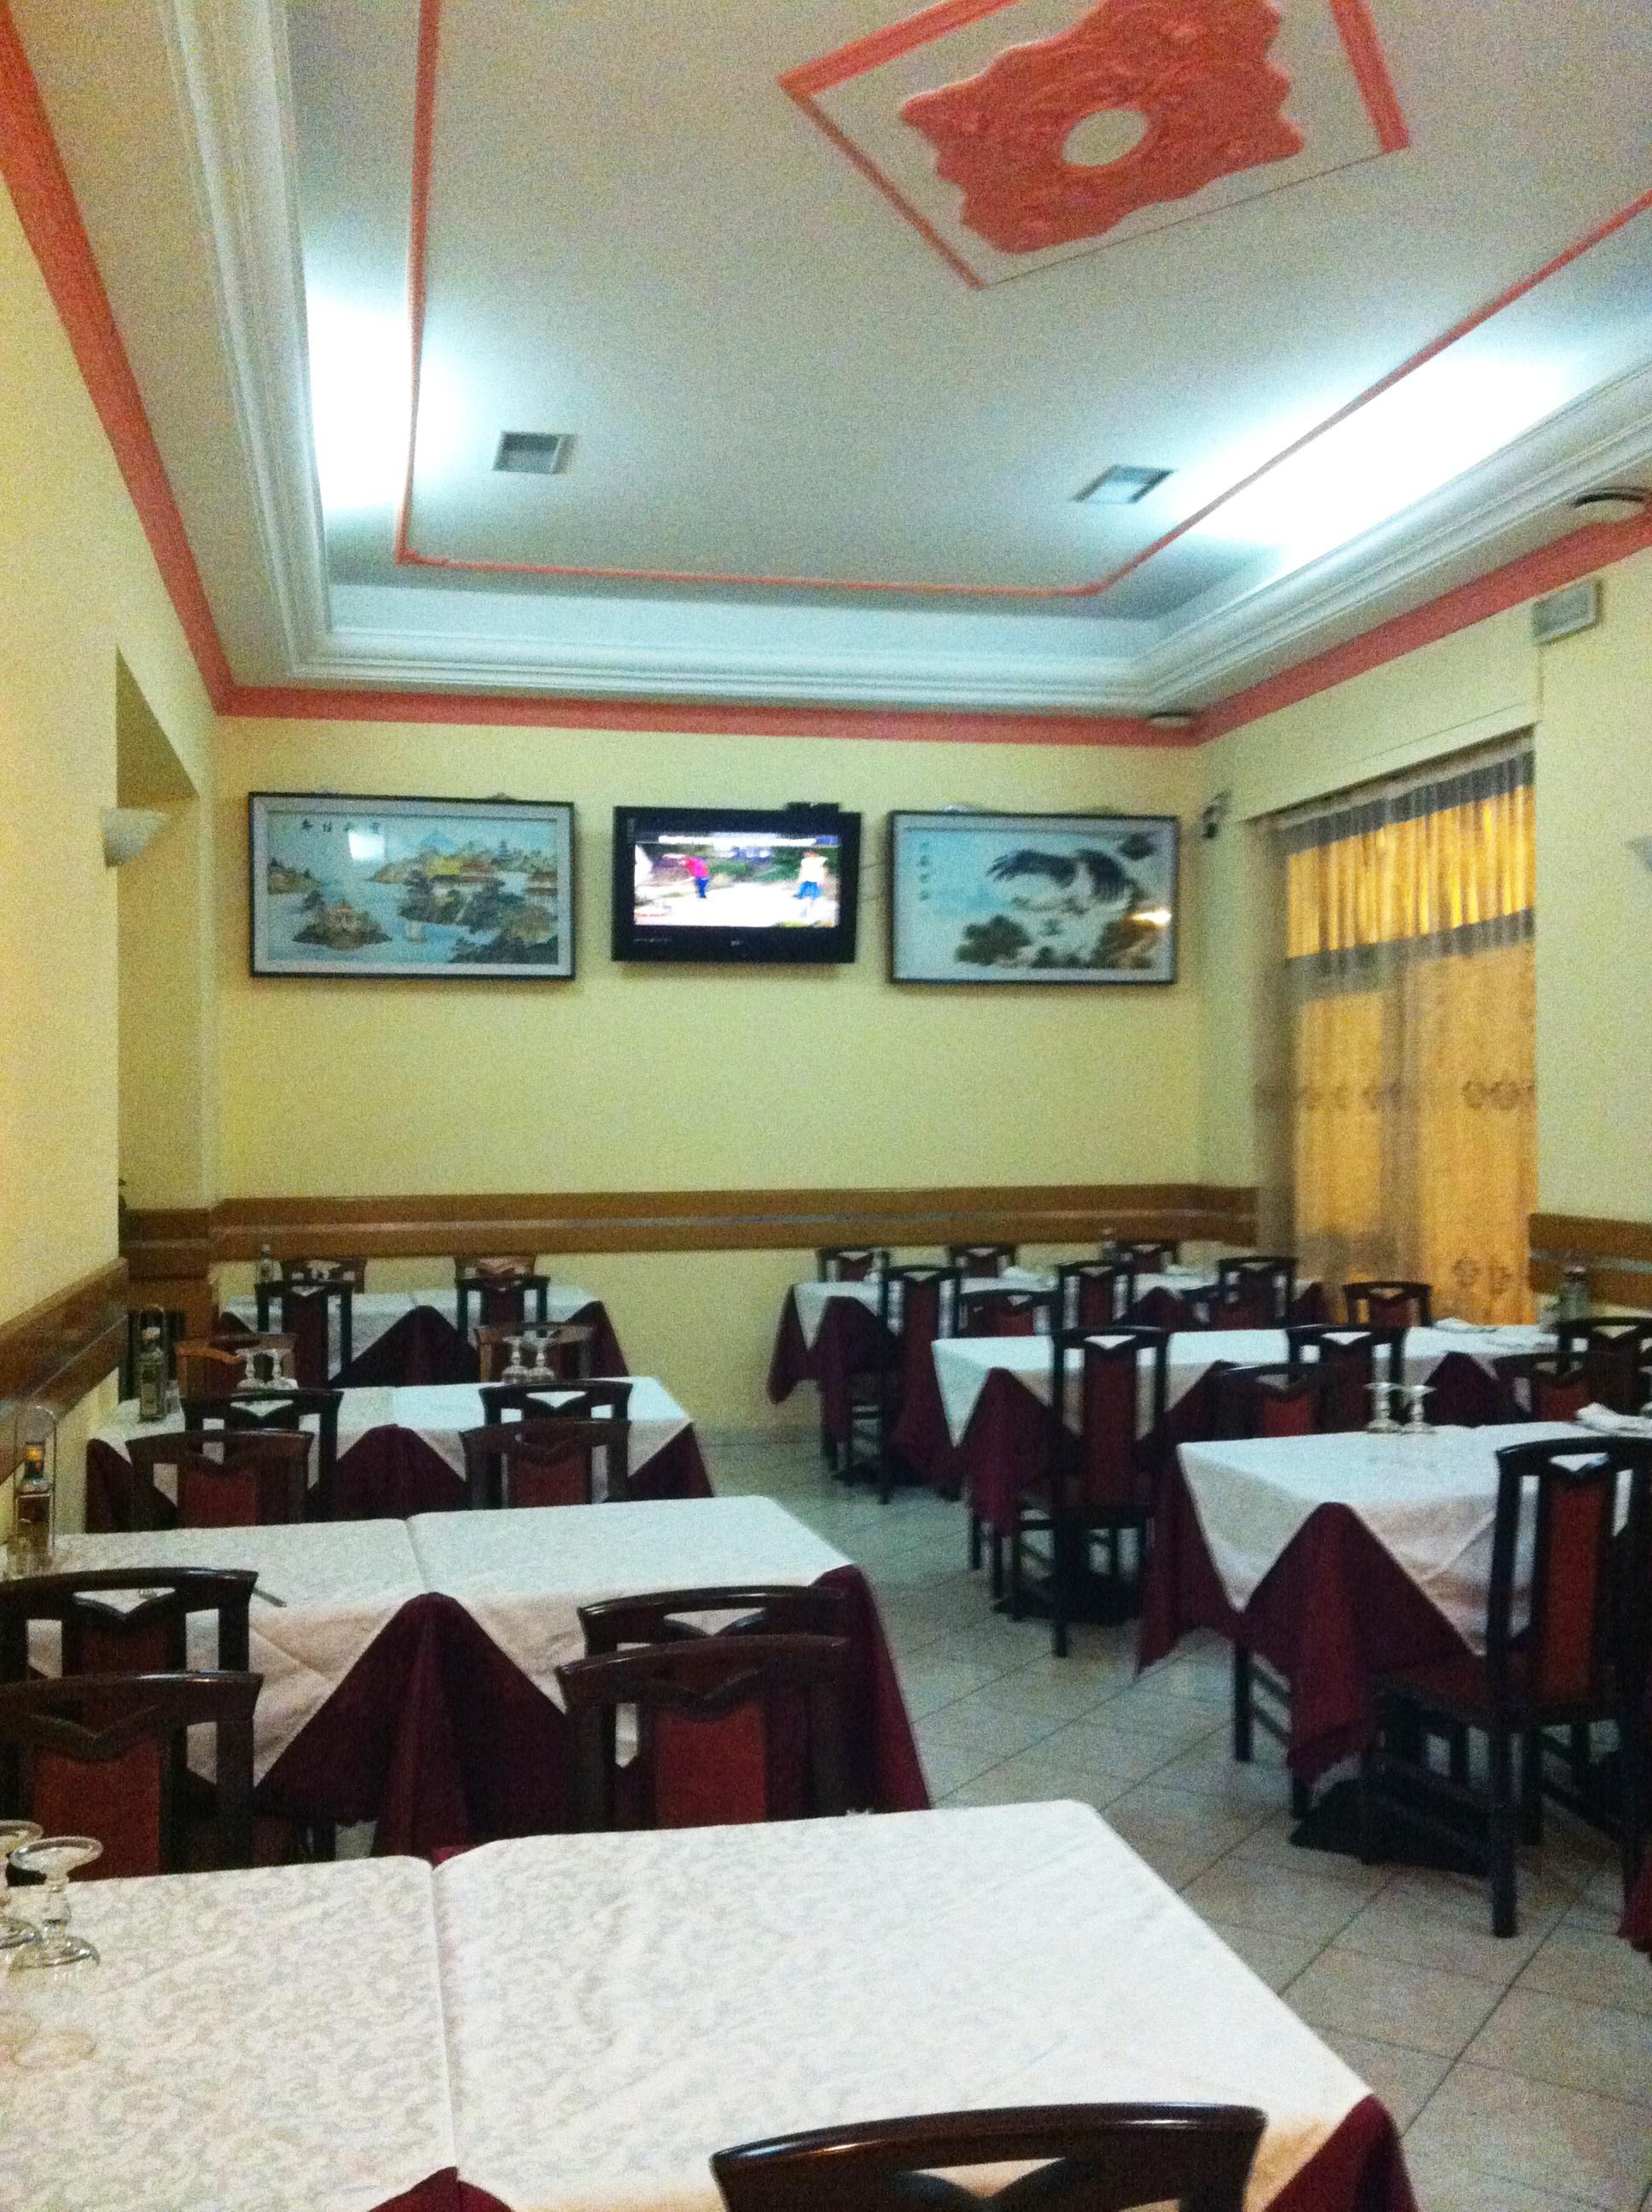 La casa di fronte piatto tipico in inglese traduzione for Piatto tipico cinese